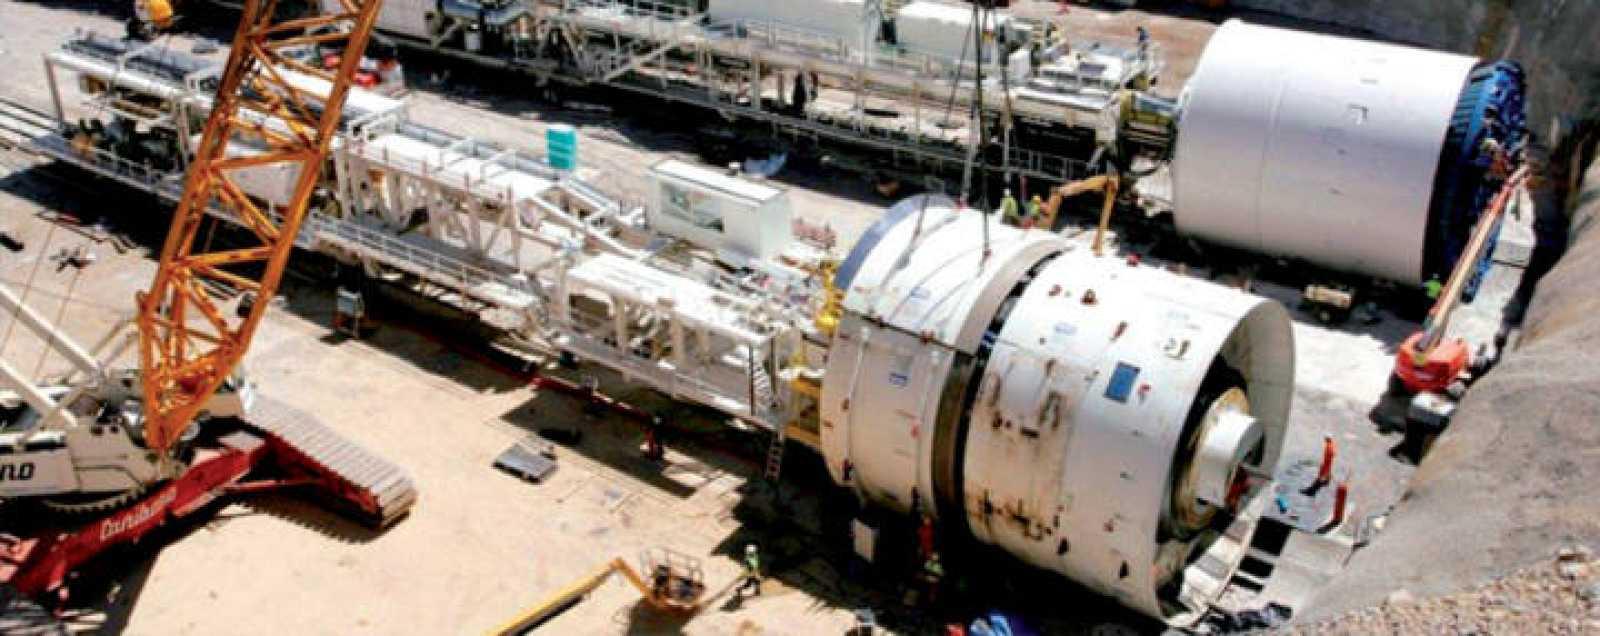 Imagen de dos de las tuneladoras que se usarán en las obras de los túneles en Noruega